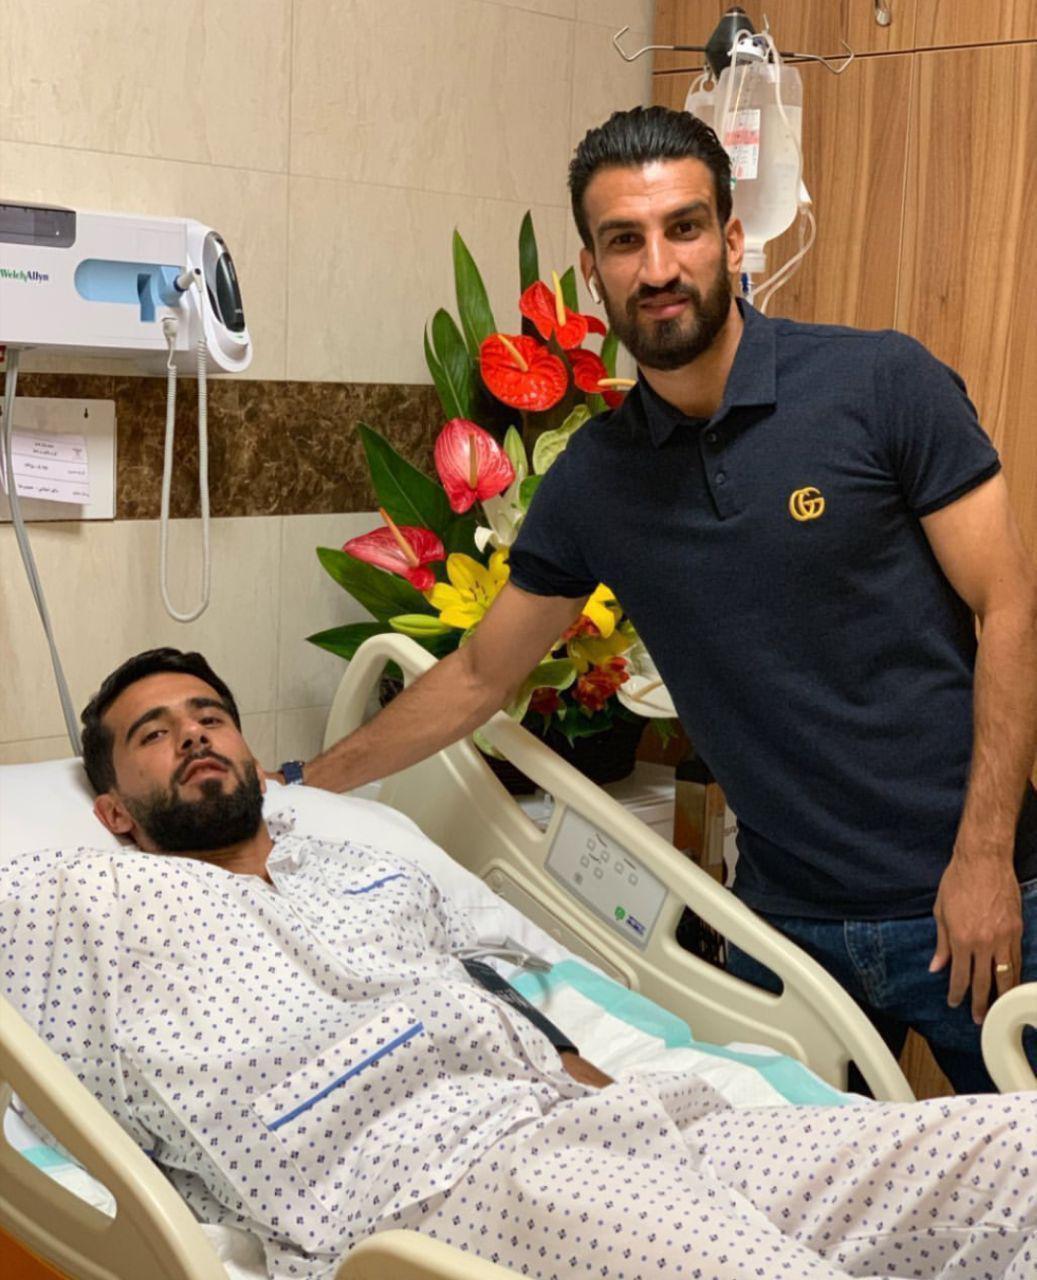 اینستاگرام گردی: ملاقات حسین ماهینی از بشار رسن